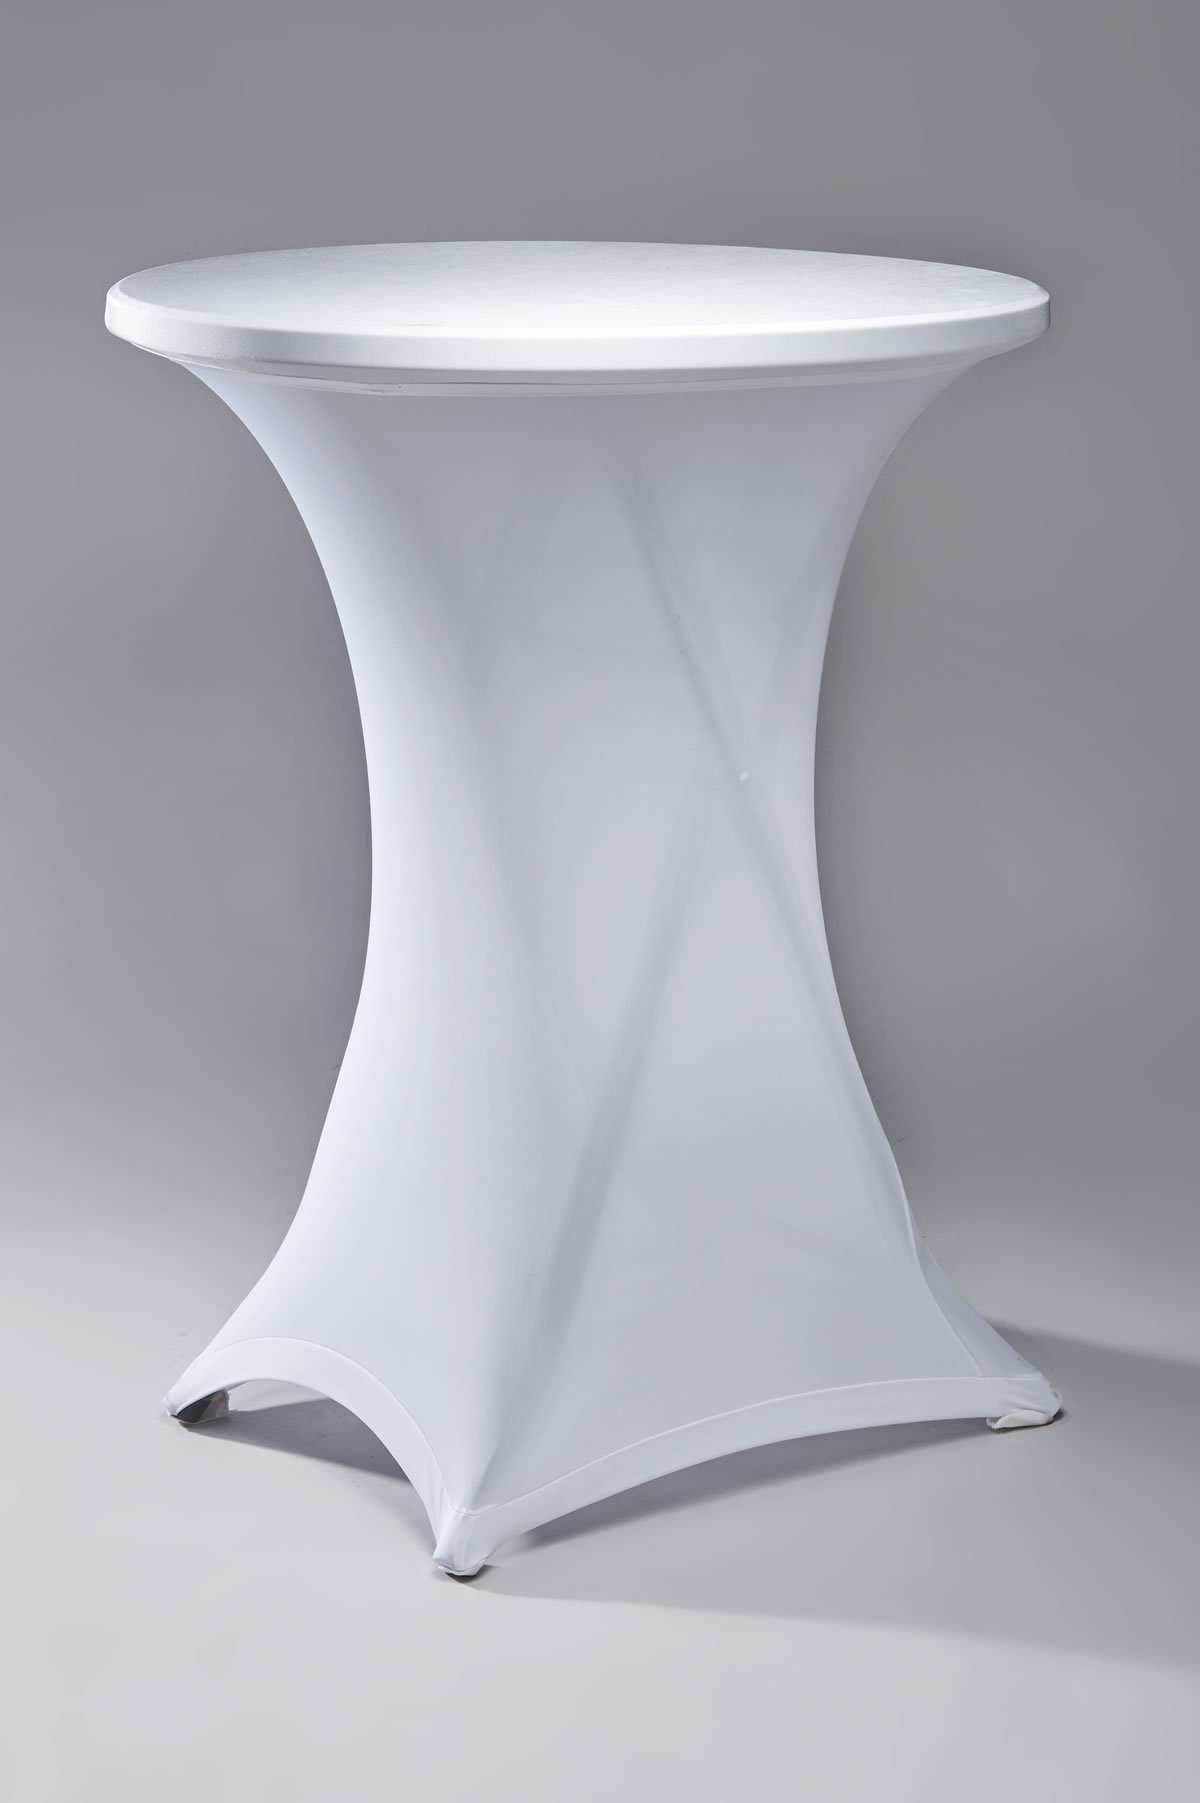 mange debout blanc toutalouer location pour r ceptions pays basque. Black Bedroom Furniture Sets. Home Design Ideas